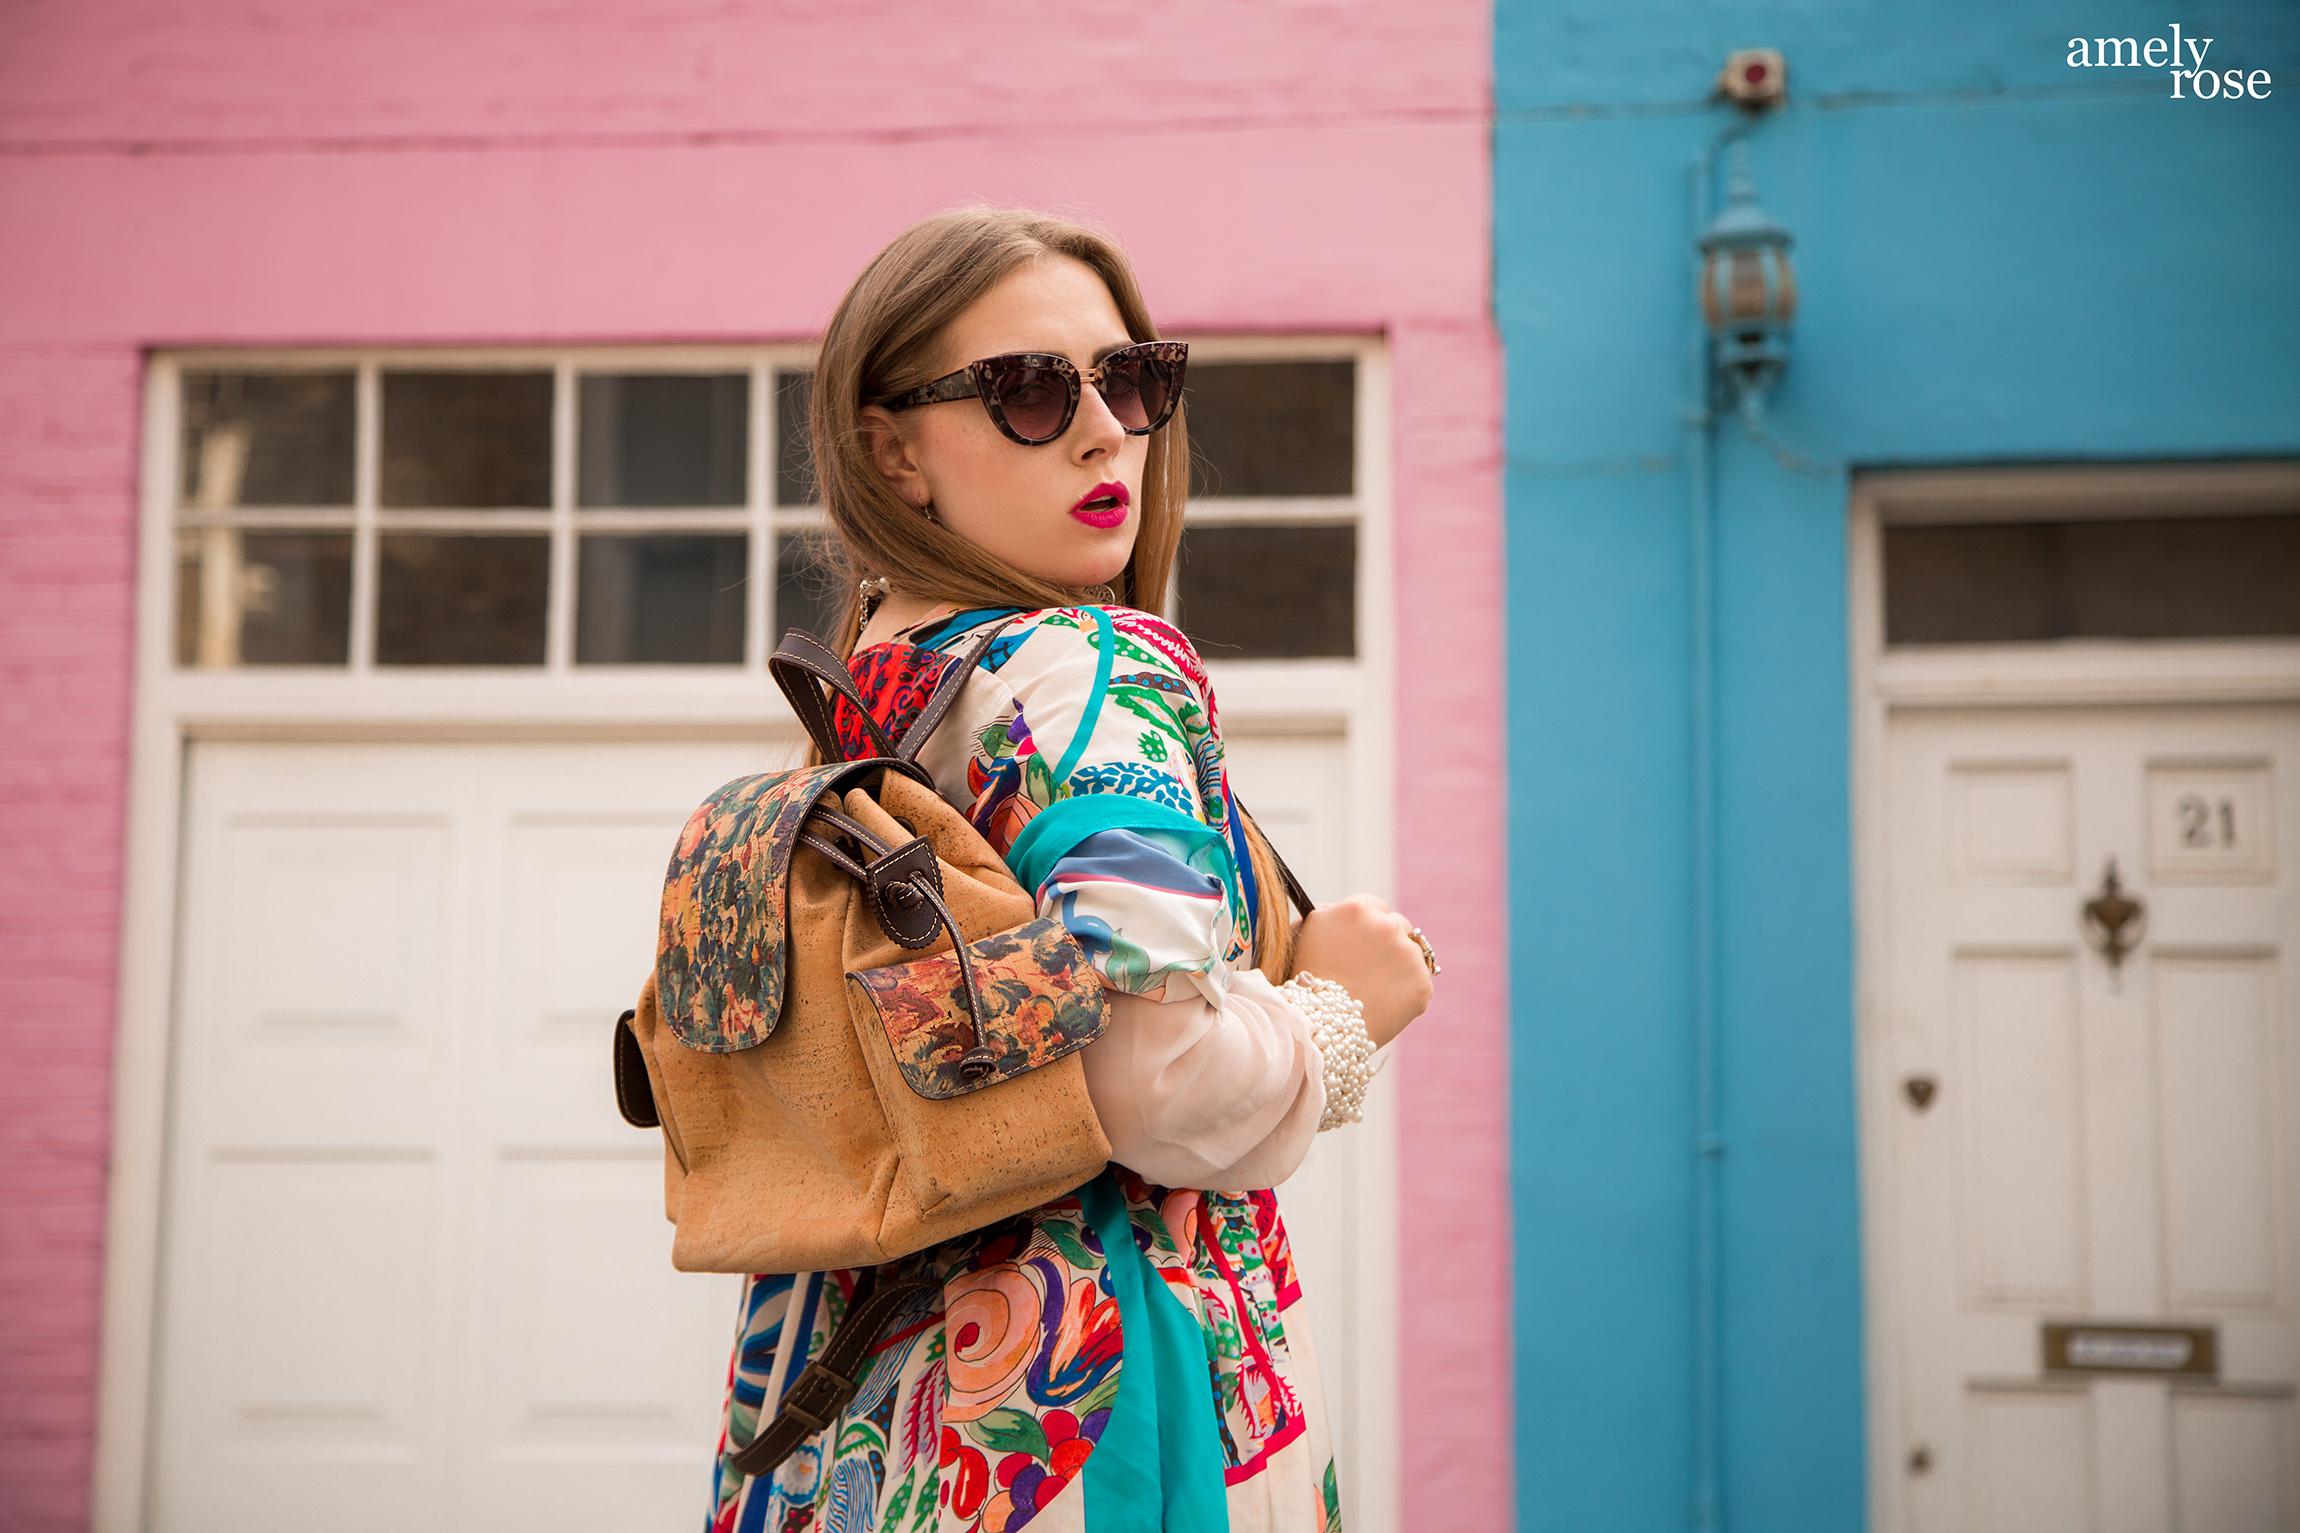 amely rose, german influencer, travelblogger und fashionblog trägt in Londin zur fashion week Schmuck und einen Herbstlook von Kork&More.